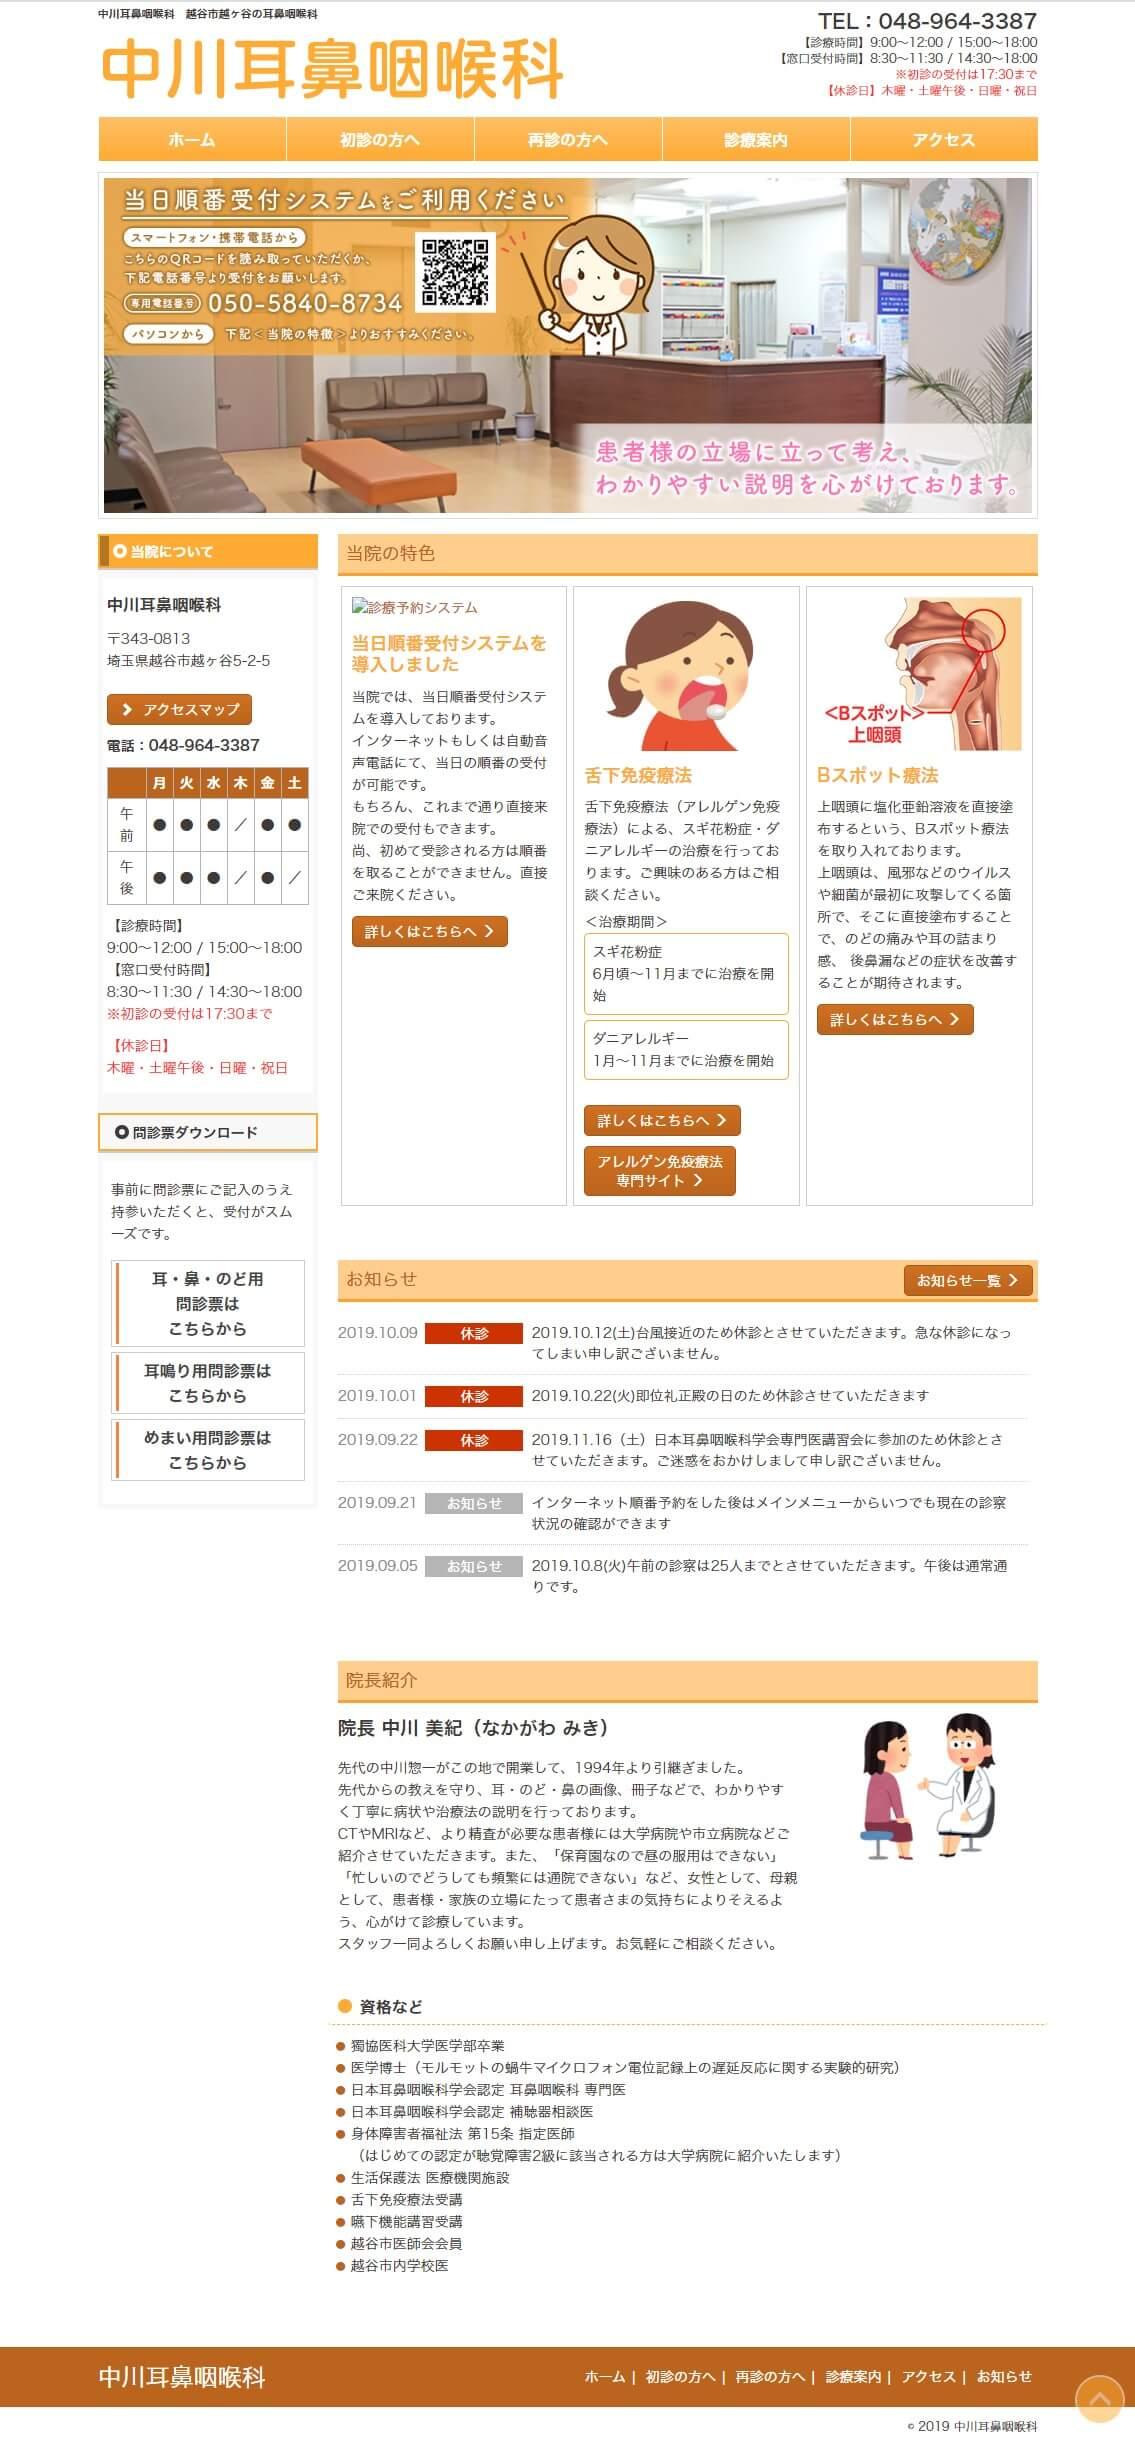 中川耳鼻咽喉科